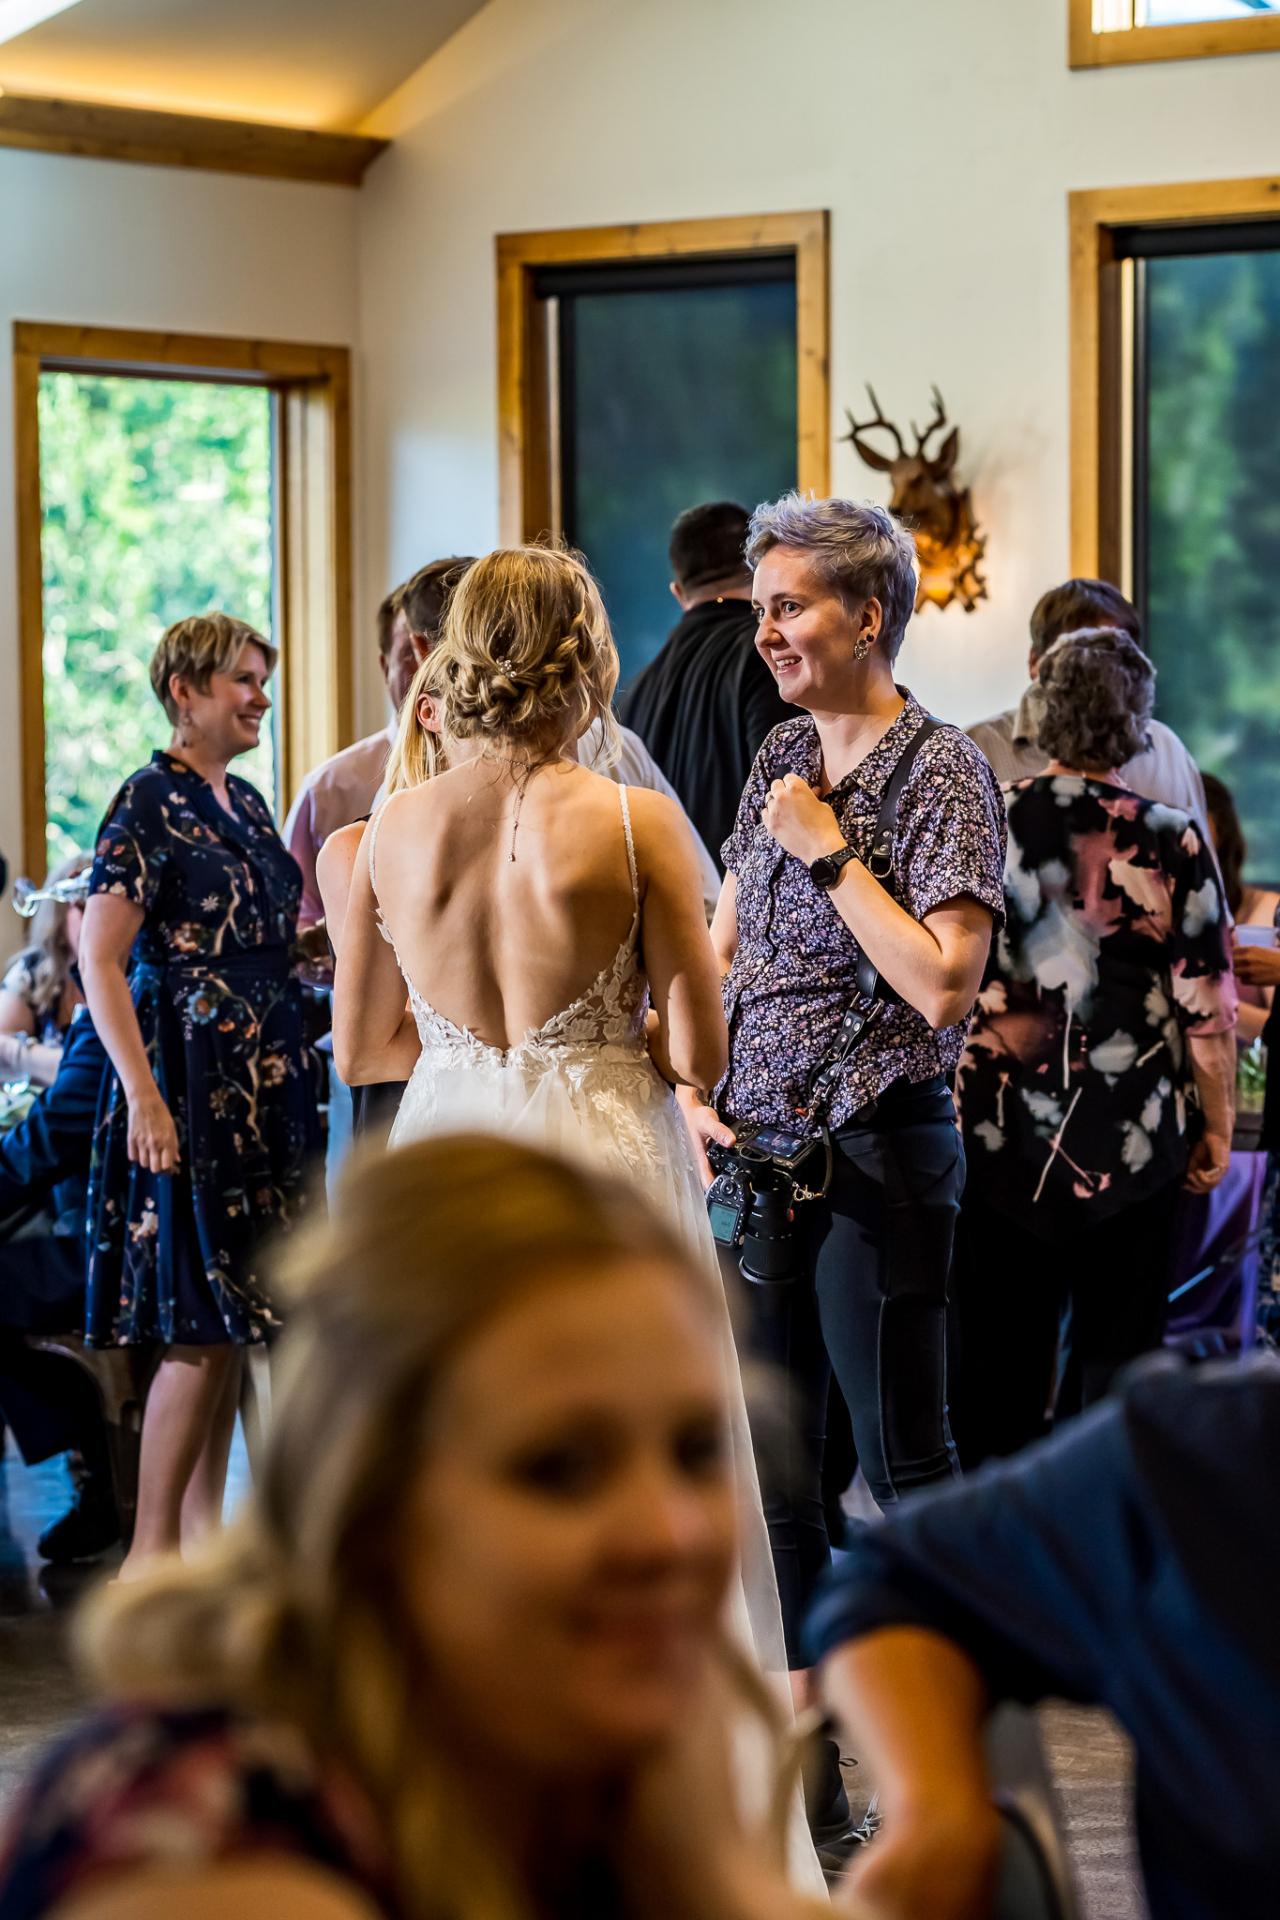 Fotógrafo de bodas de Colorado hablando con una novia de Boulder en el lugar